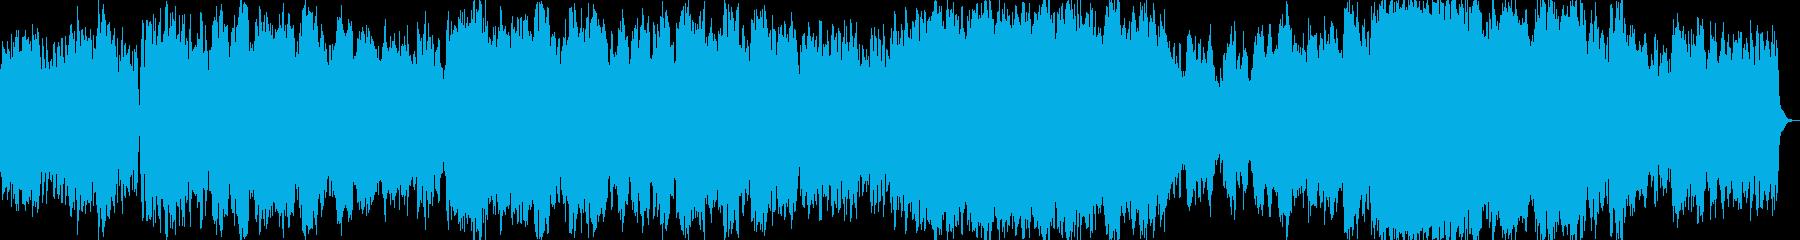 開放的できれいなイージーリスニング曲の再生済みの波形